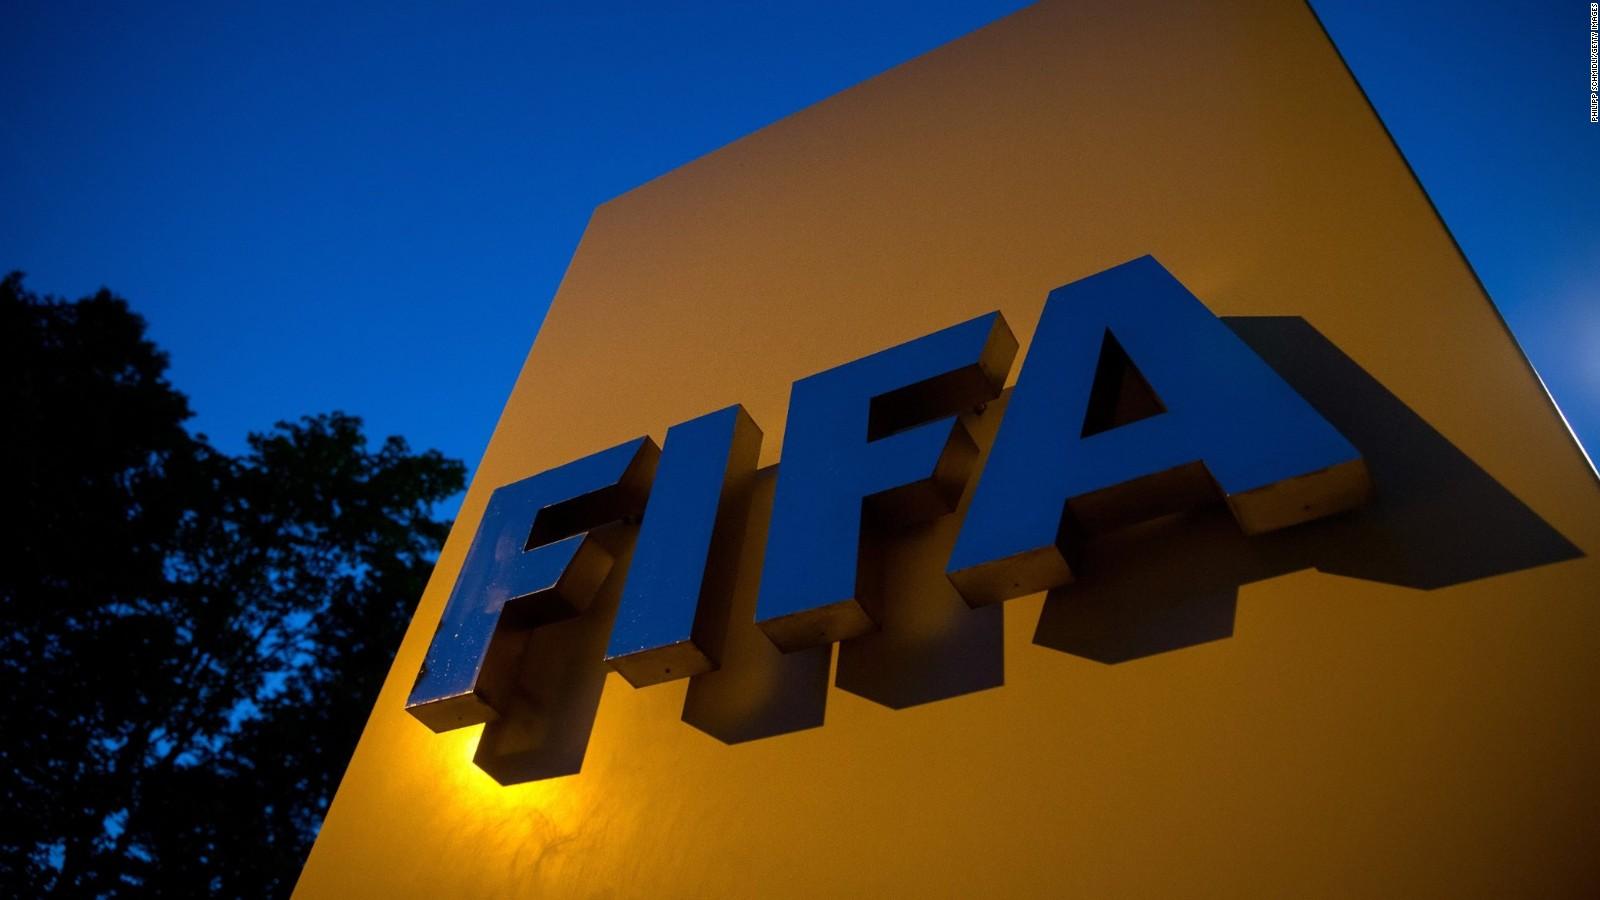 الفيفا تنوي تمديد الحجر على المنافسات الدولية